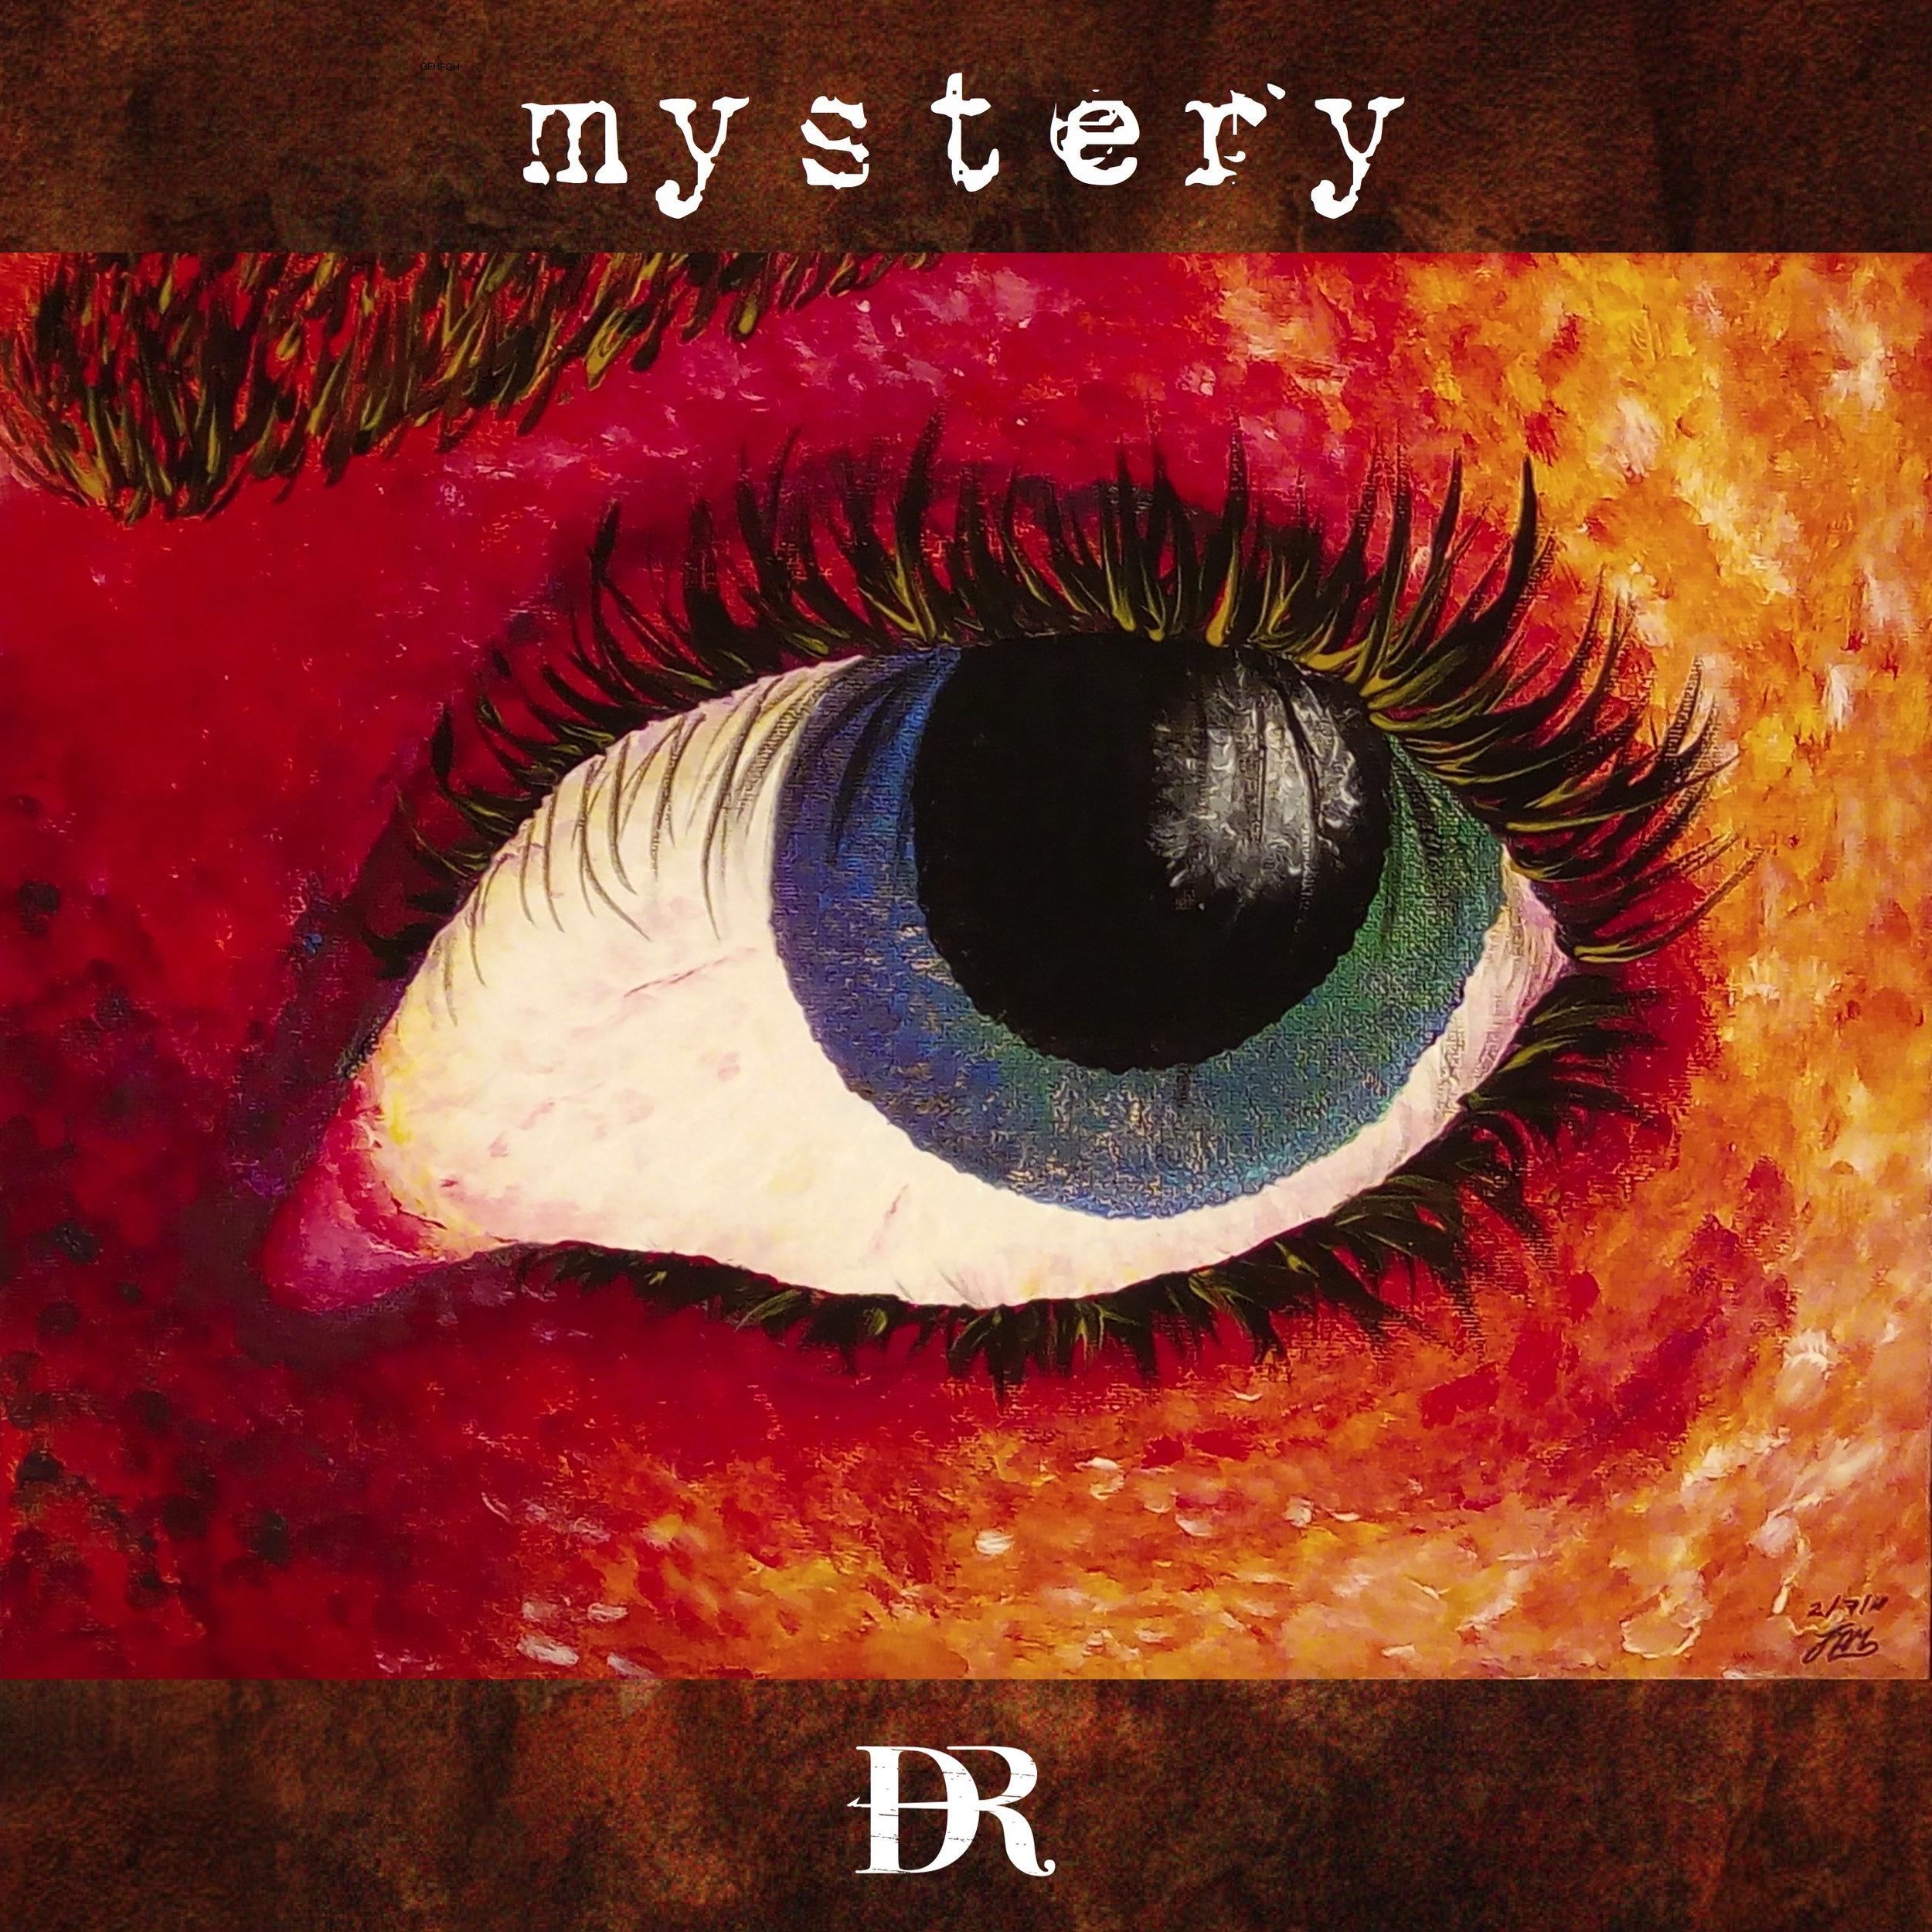 MYSTERY - Single - Released 27 July 2018